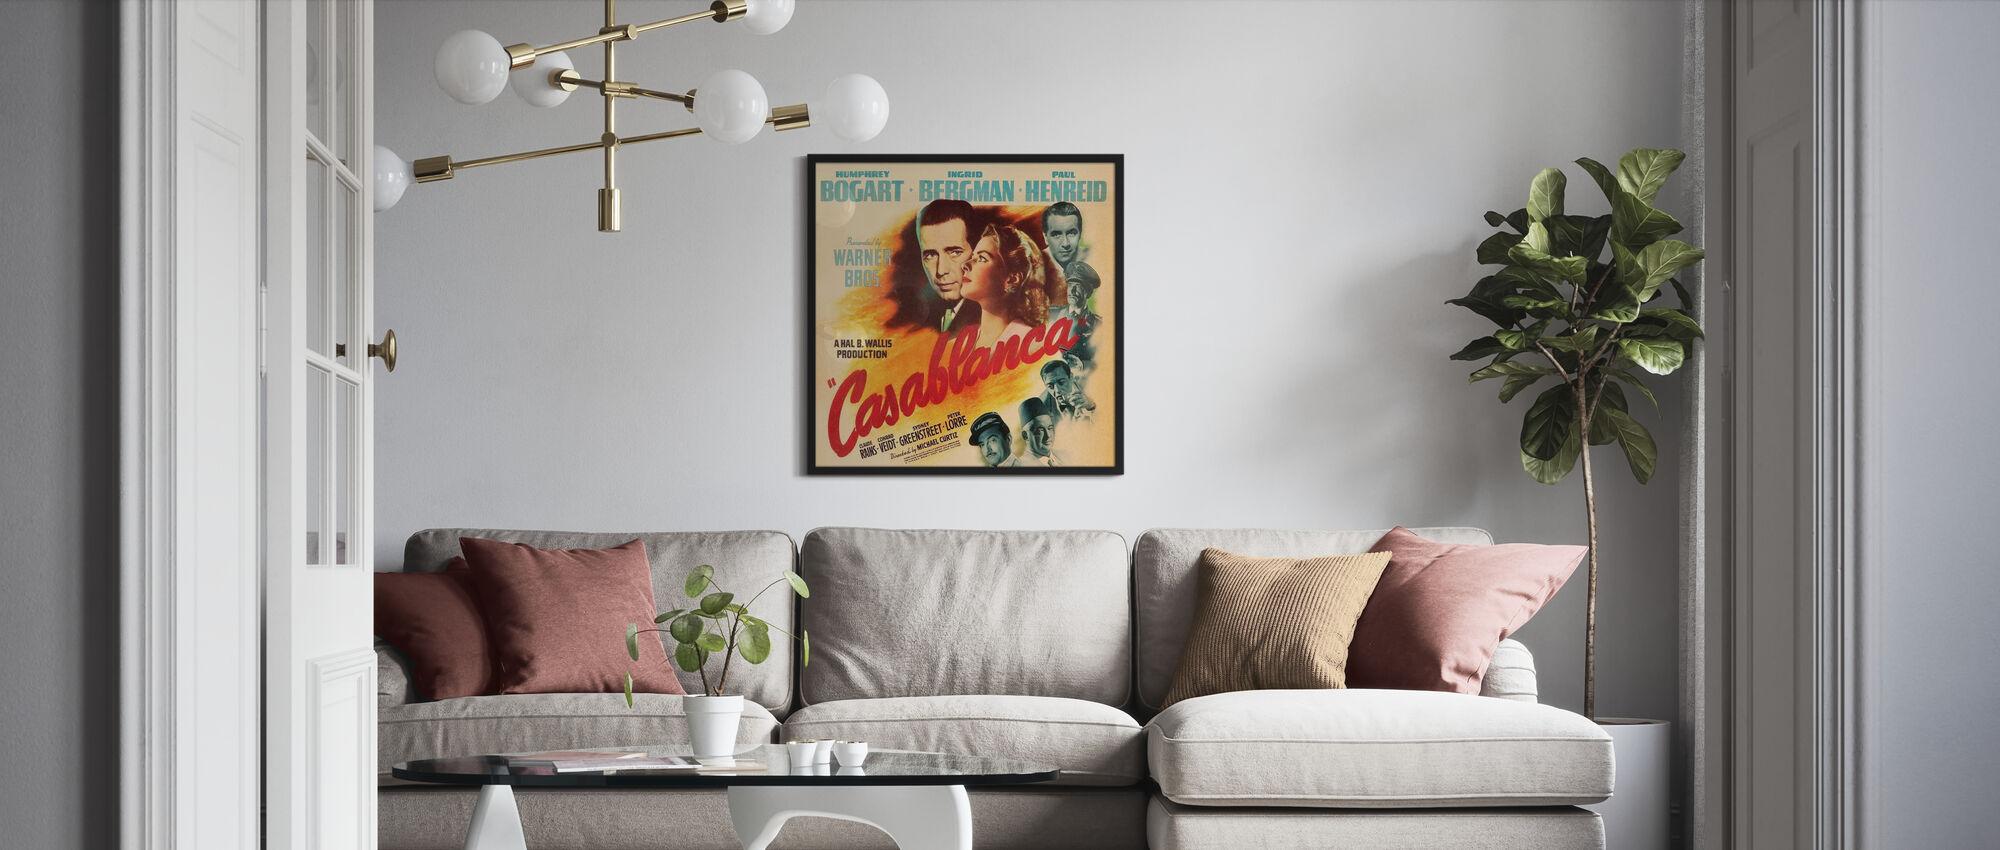 Movie Poster Casablanca - Framed print - Living Room